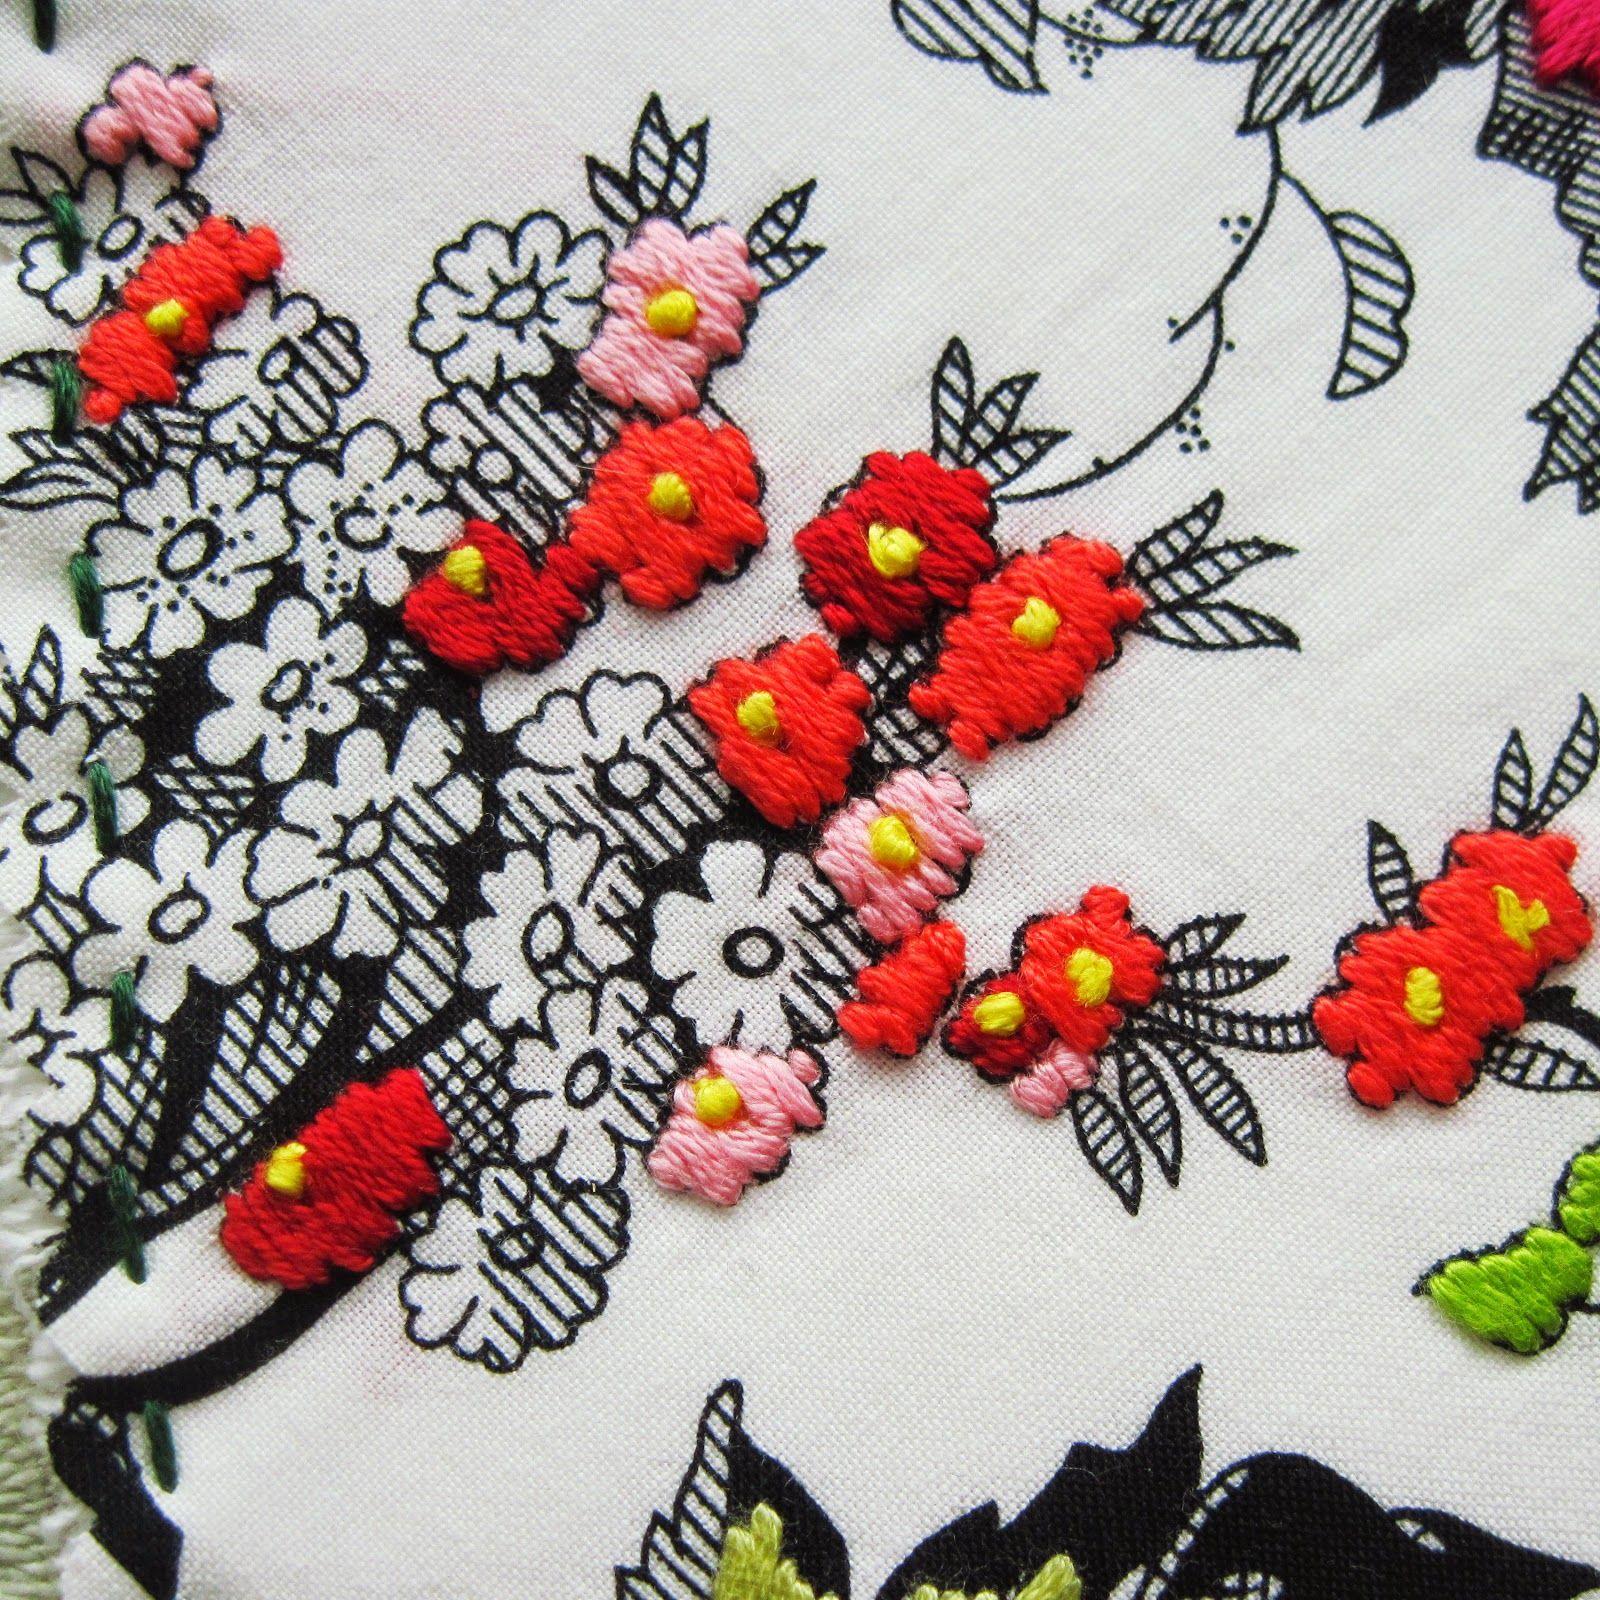 Fun embroidery idea use printed fabric as a base